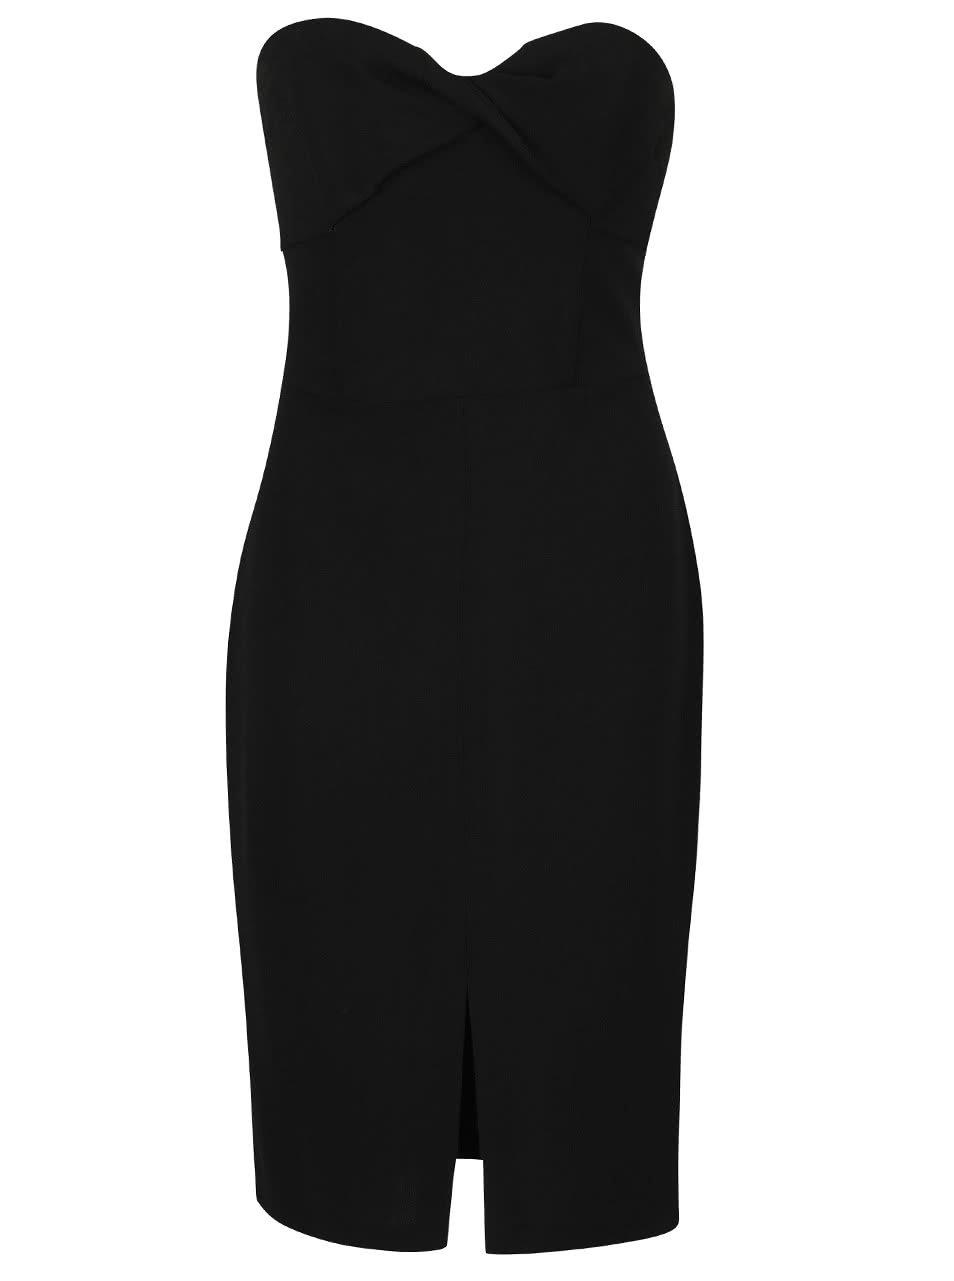 1f803f9de4a Černé pouzdrové šaty bez rukávů Miss Selfridge ...